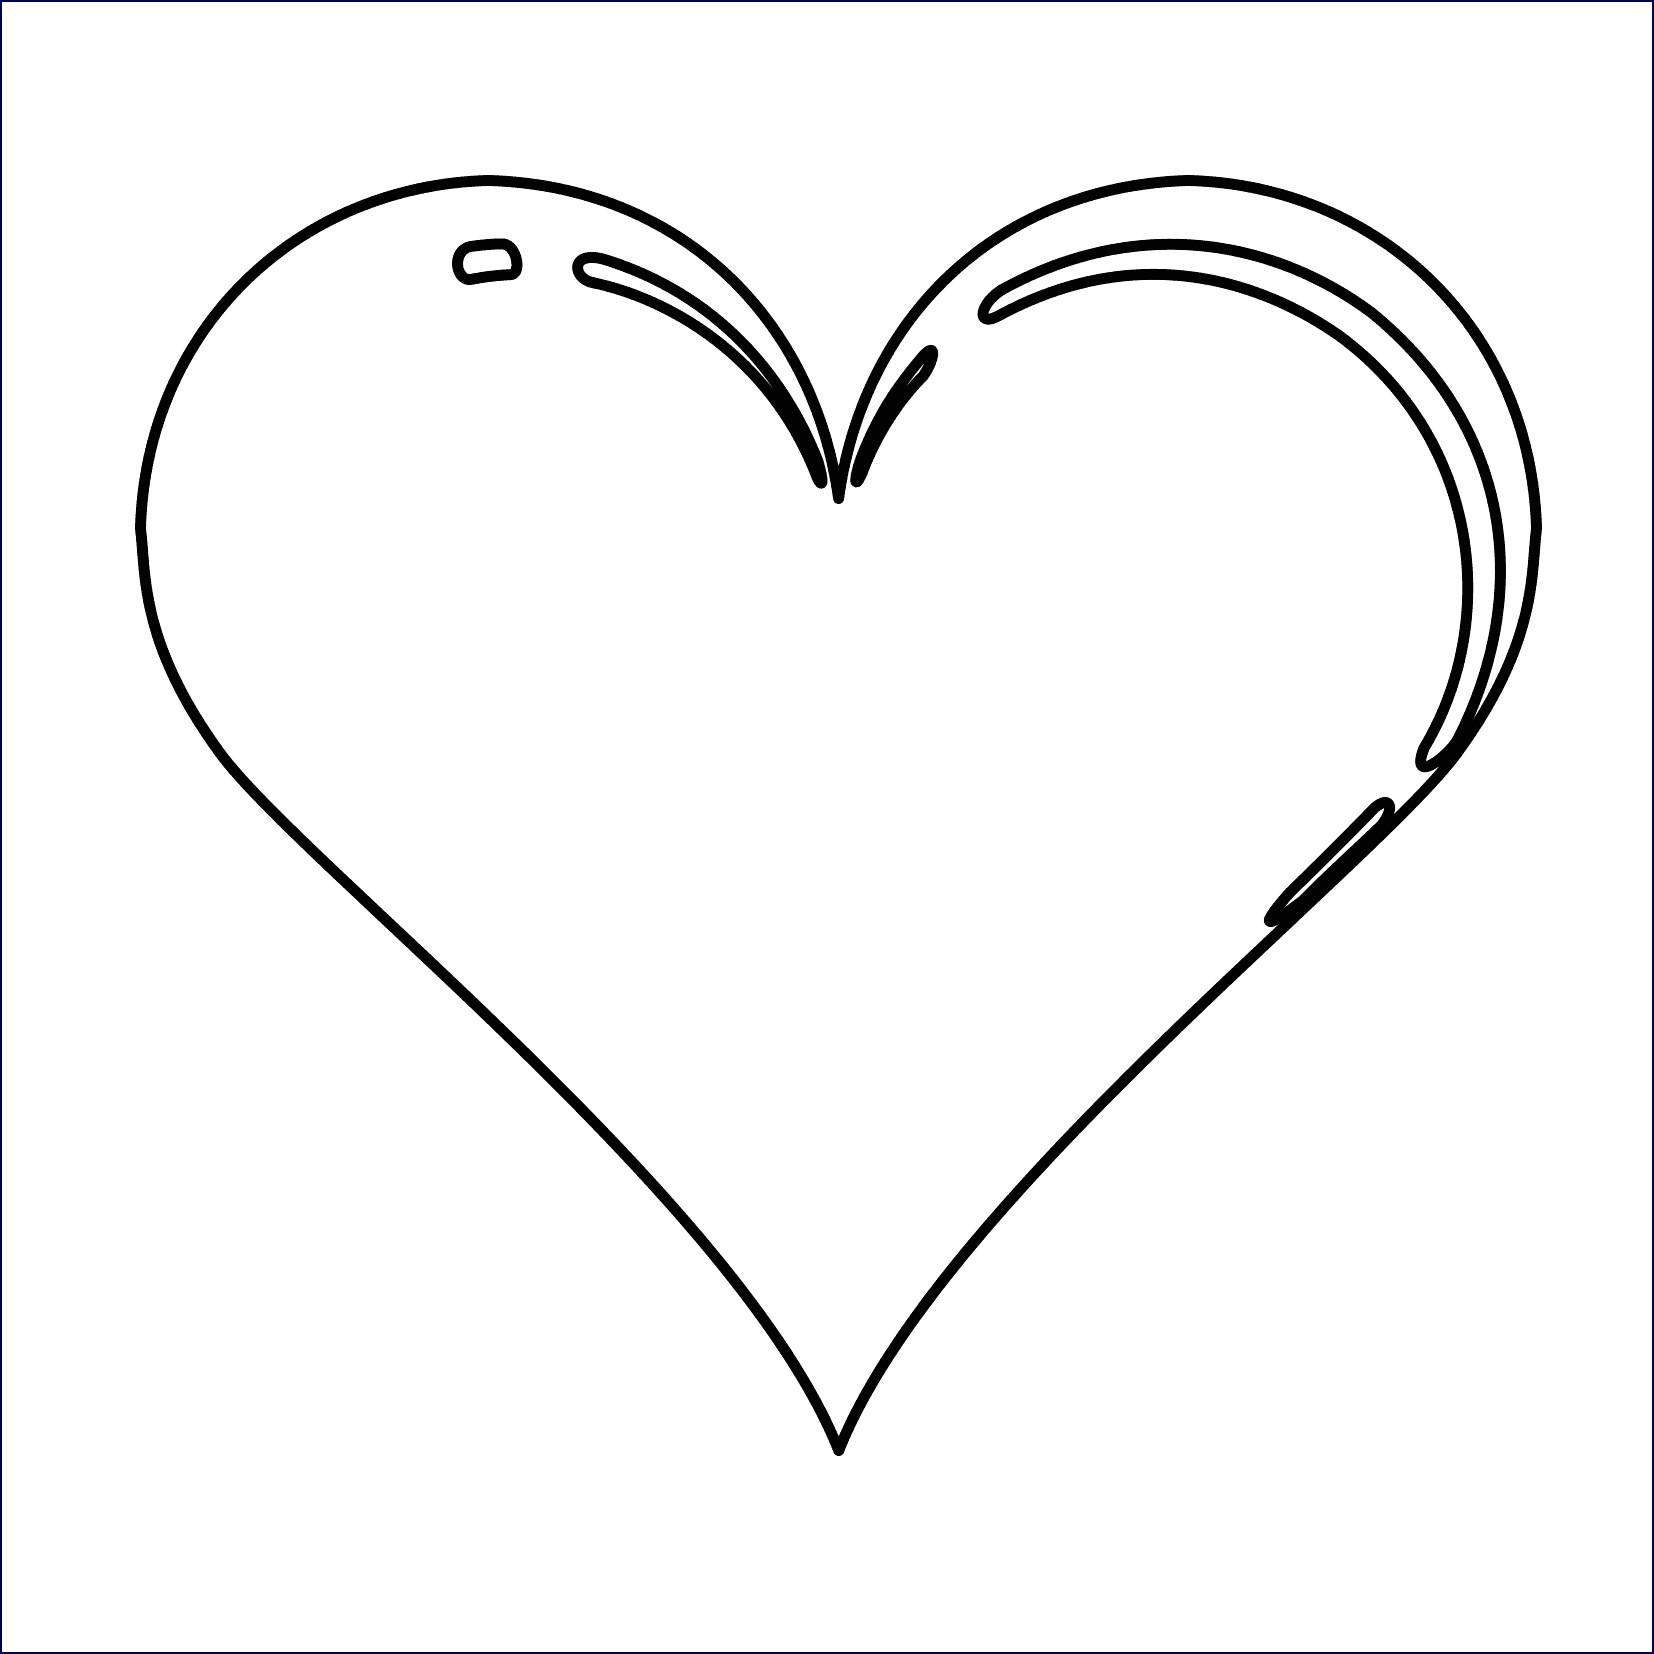 Herz Zum Ausmalen Genial Herz Malen Vorlage Bilder Ideen Das Bild